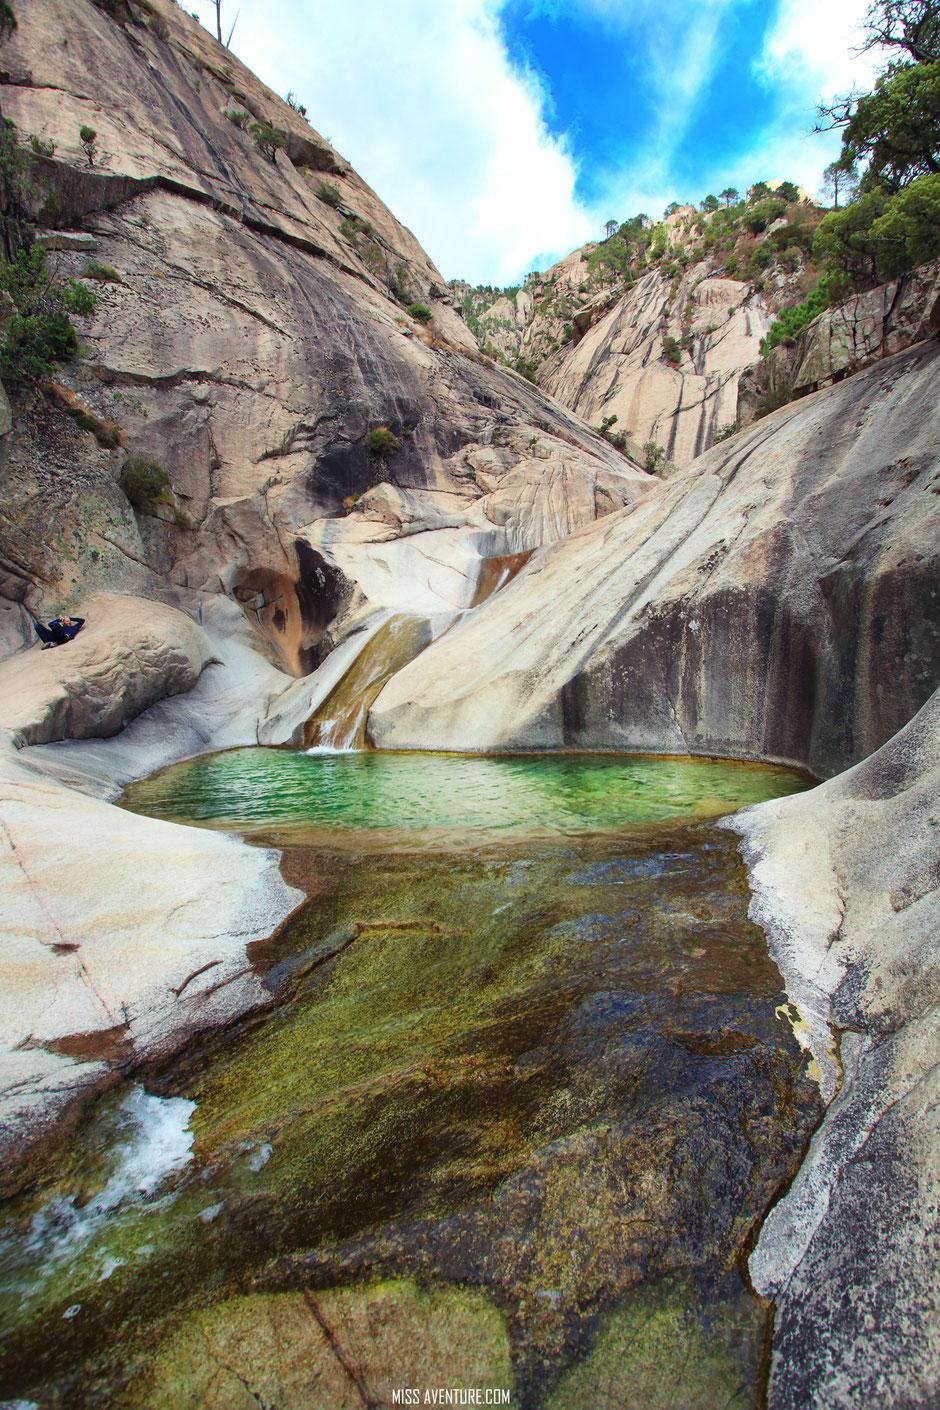 Piscines naturelles de PURCARACCIA. CORSE. www.missaventure.com blog voyage d aventures nature et photos